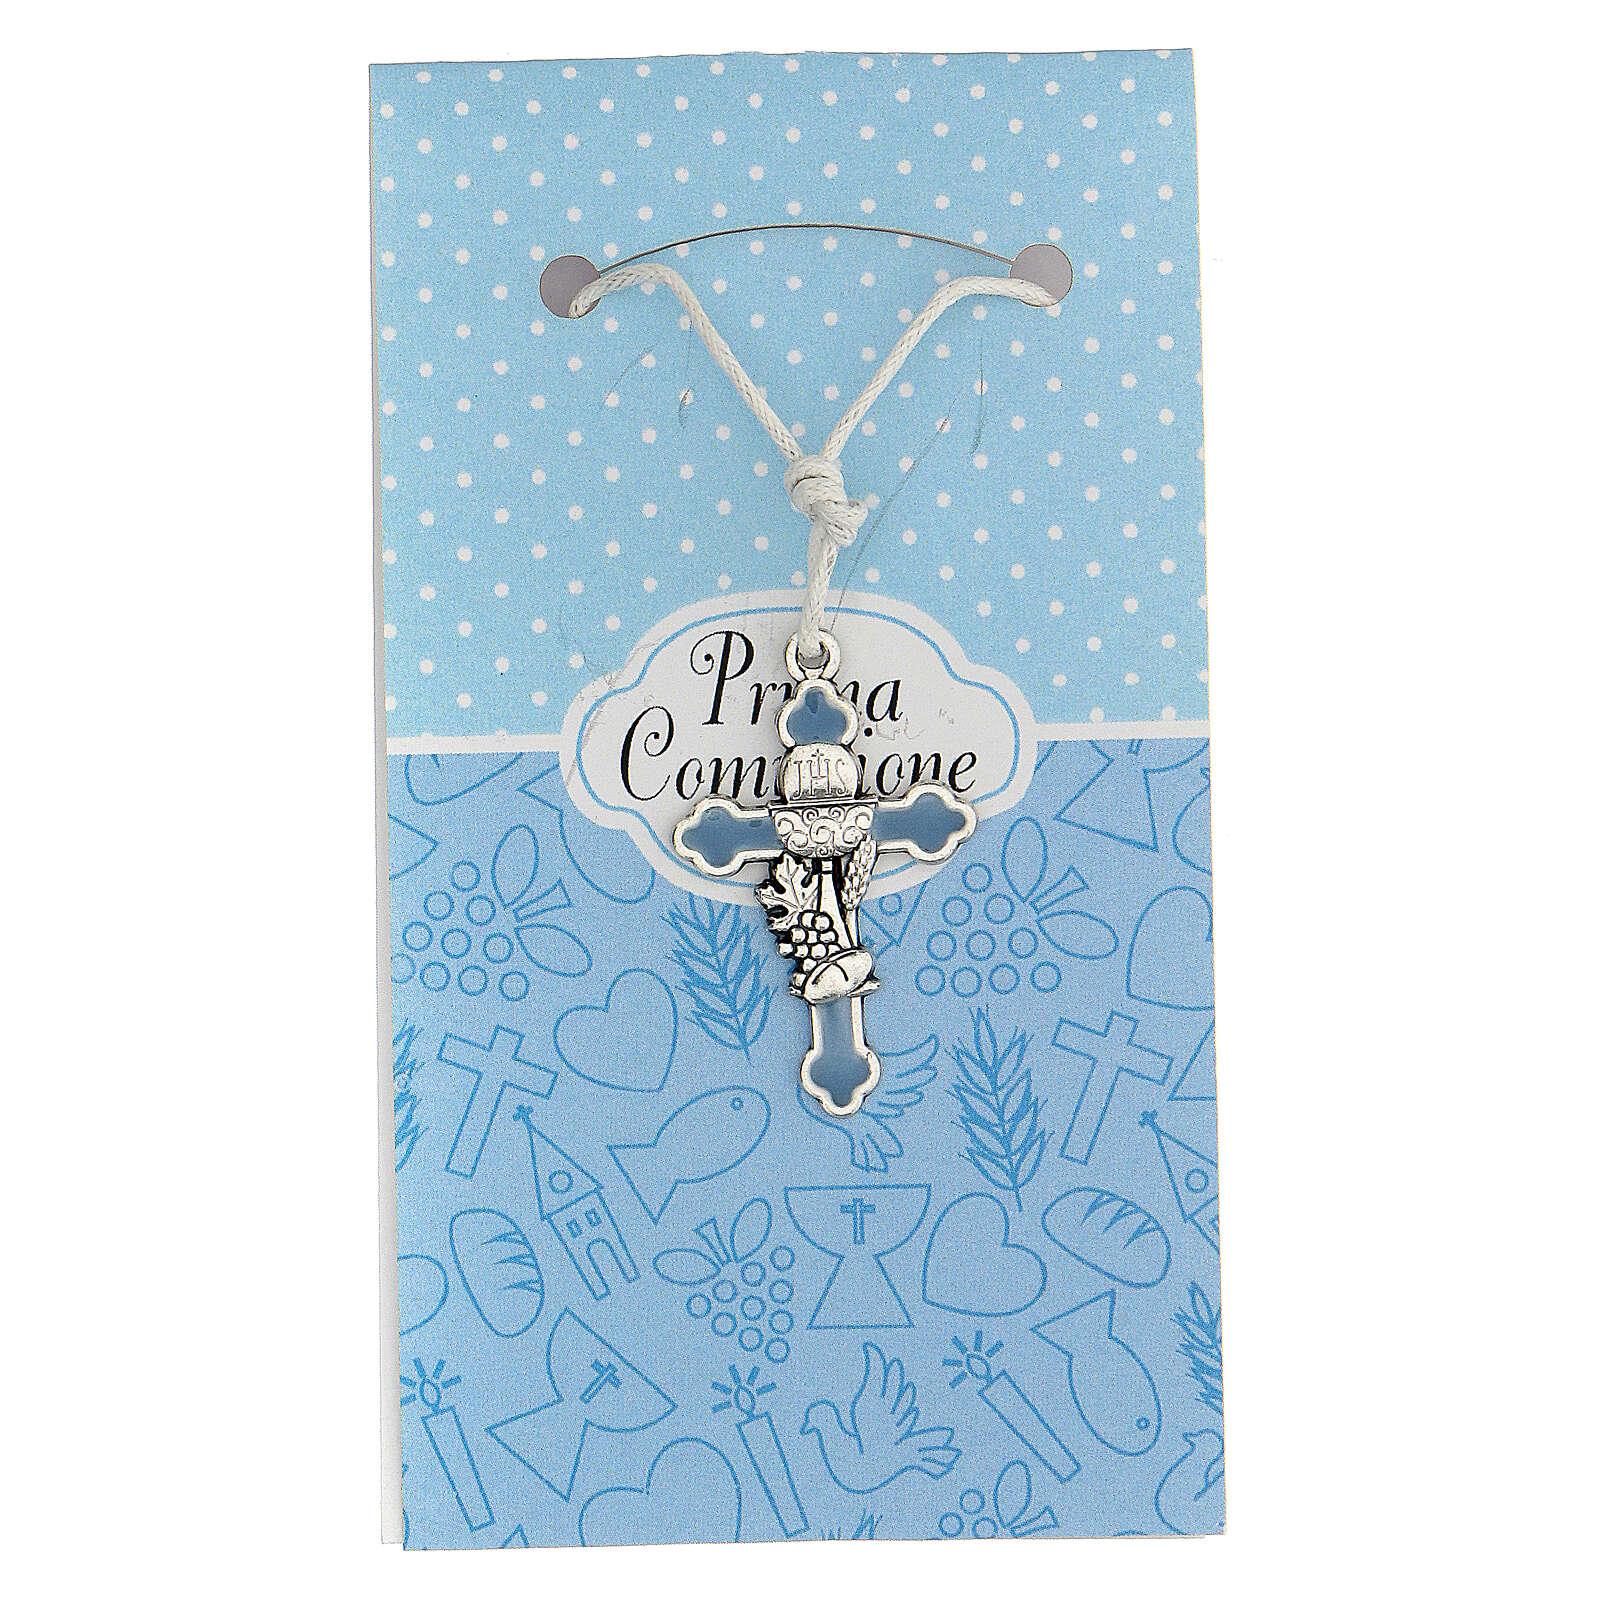 Croce metallo argentato Comunione smalto blu 3 cm 4